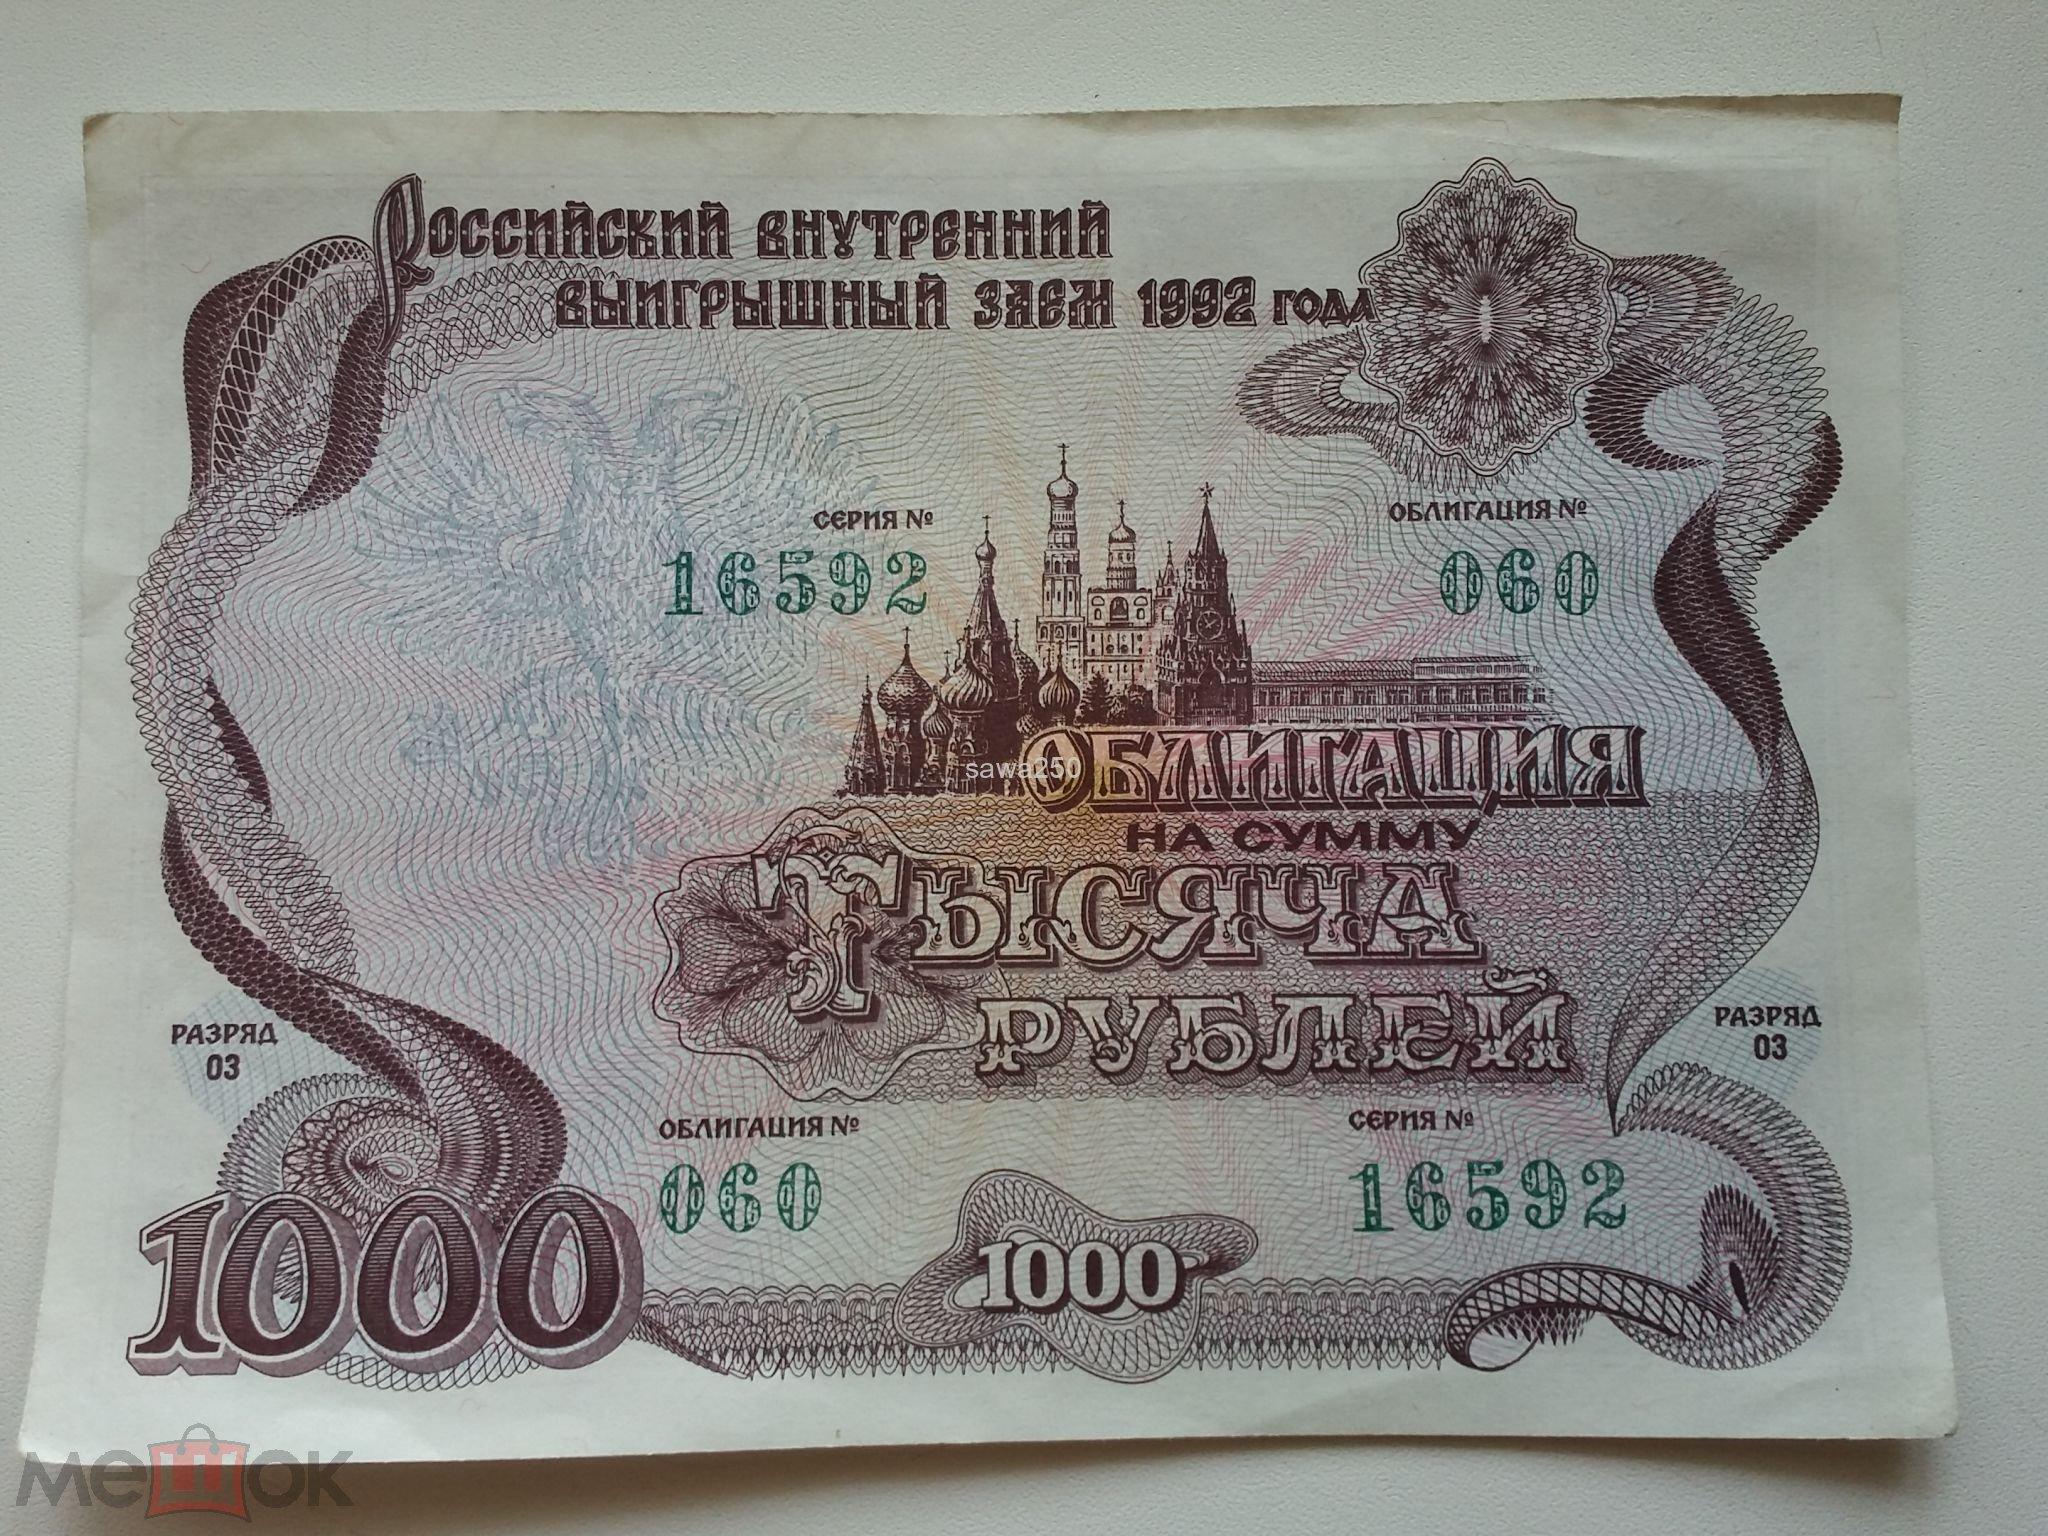 Облигация 1992 года 1000 рублей цена где можно купить марки